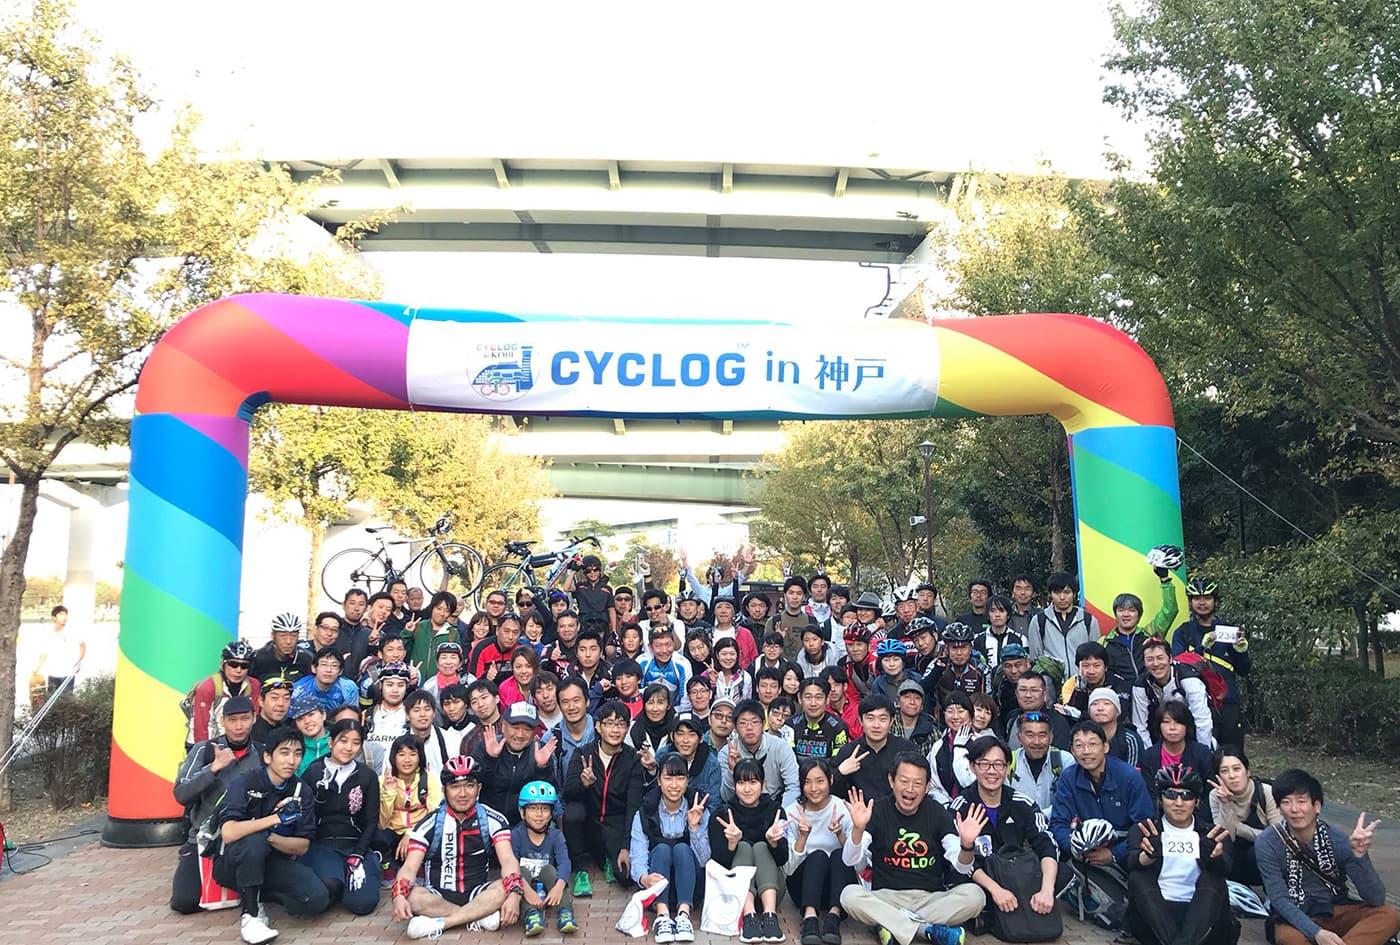 CYCLOG in 神戸2019